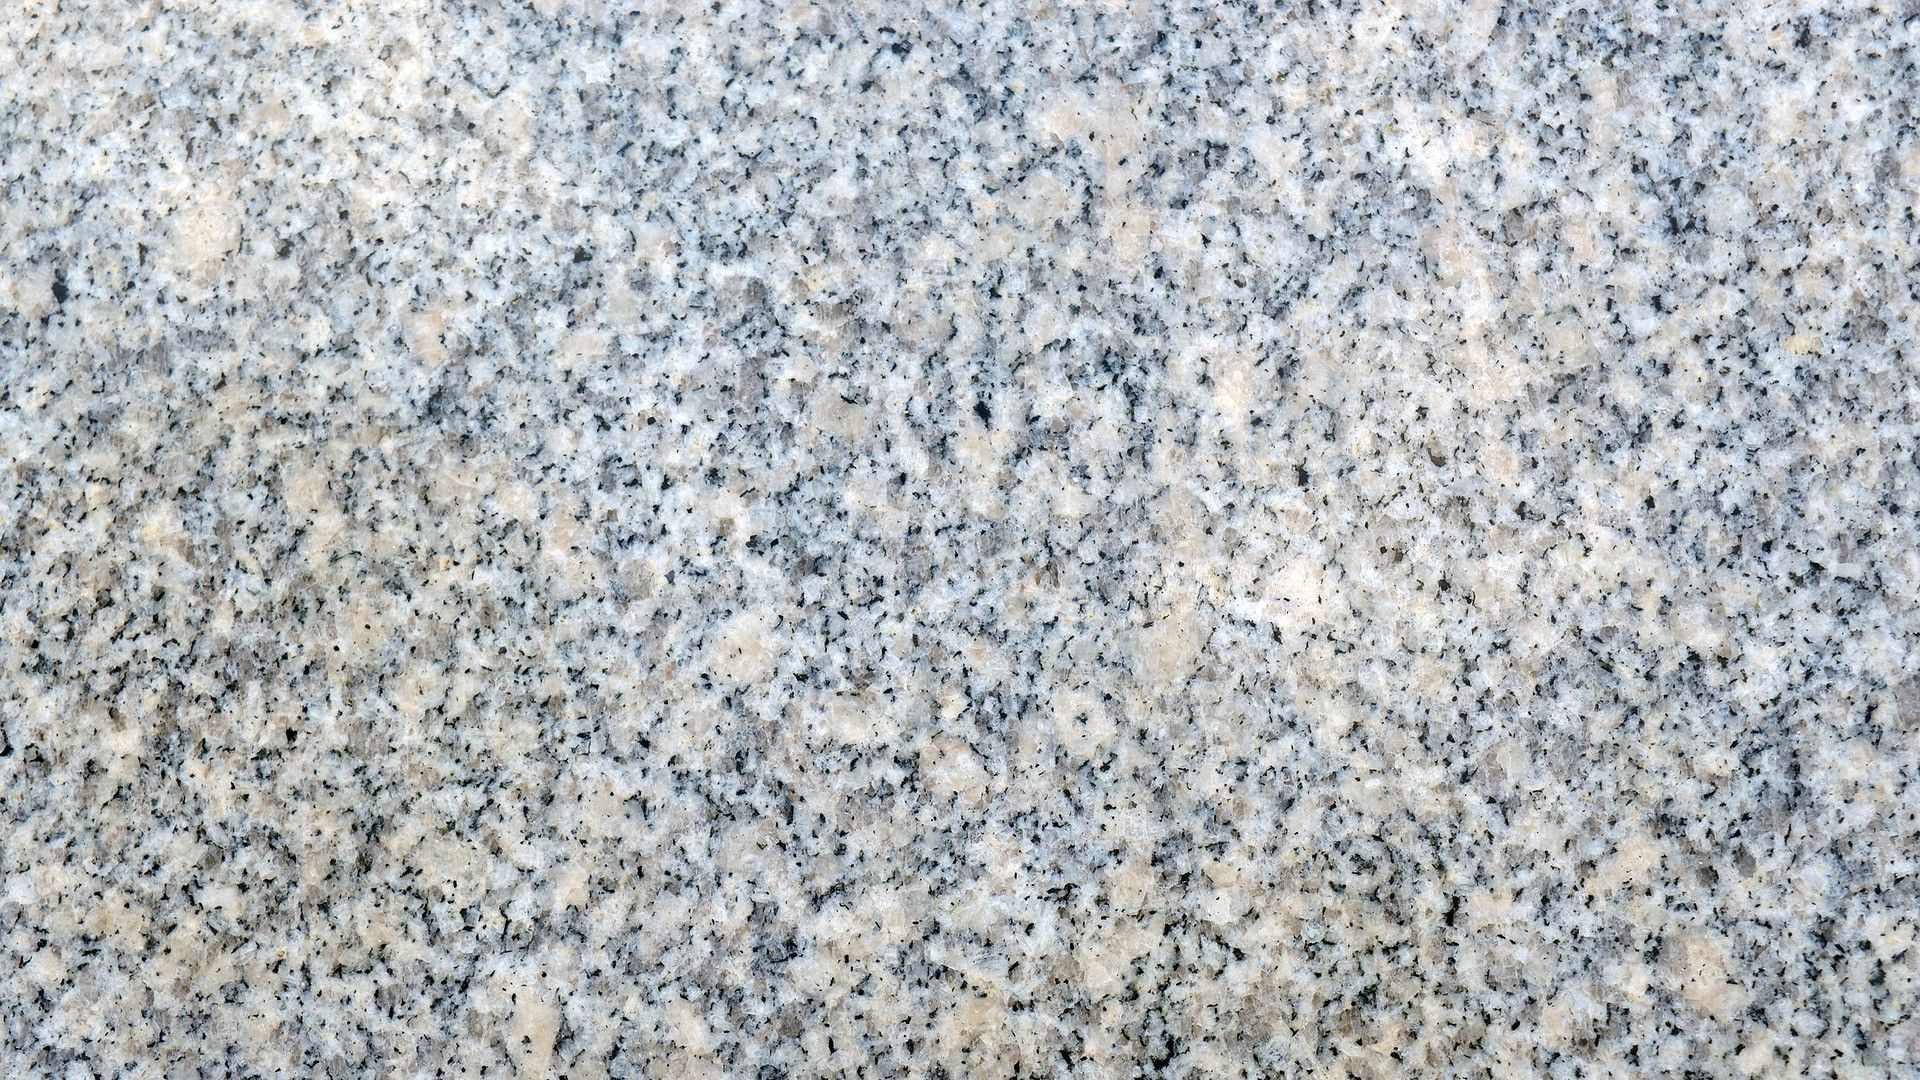 Granit Reinigen Die Besten Tipps Und Hausmittel In 2020 Granit Reinigen Granit Reiniger Hausmittel